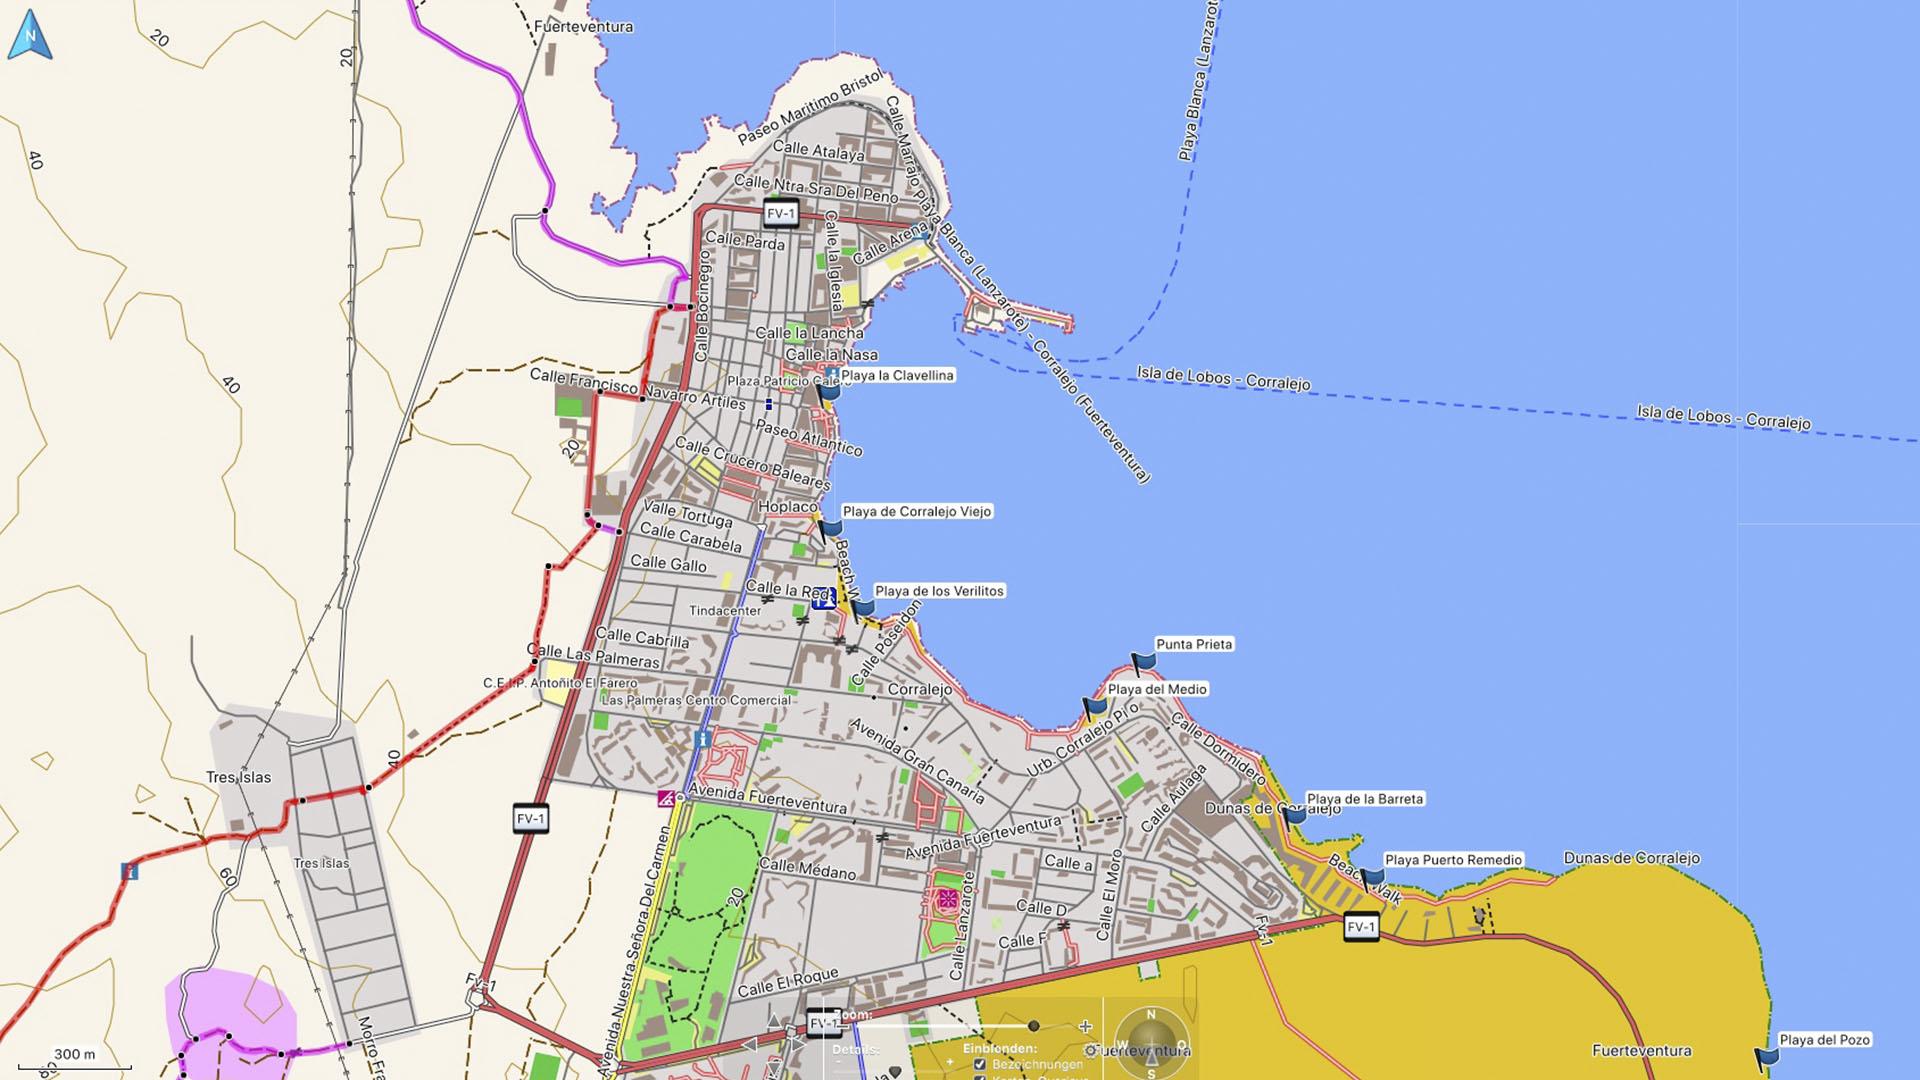 Fuerteventura Karte der Straende: Los Lobos - Corralejo